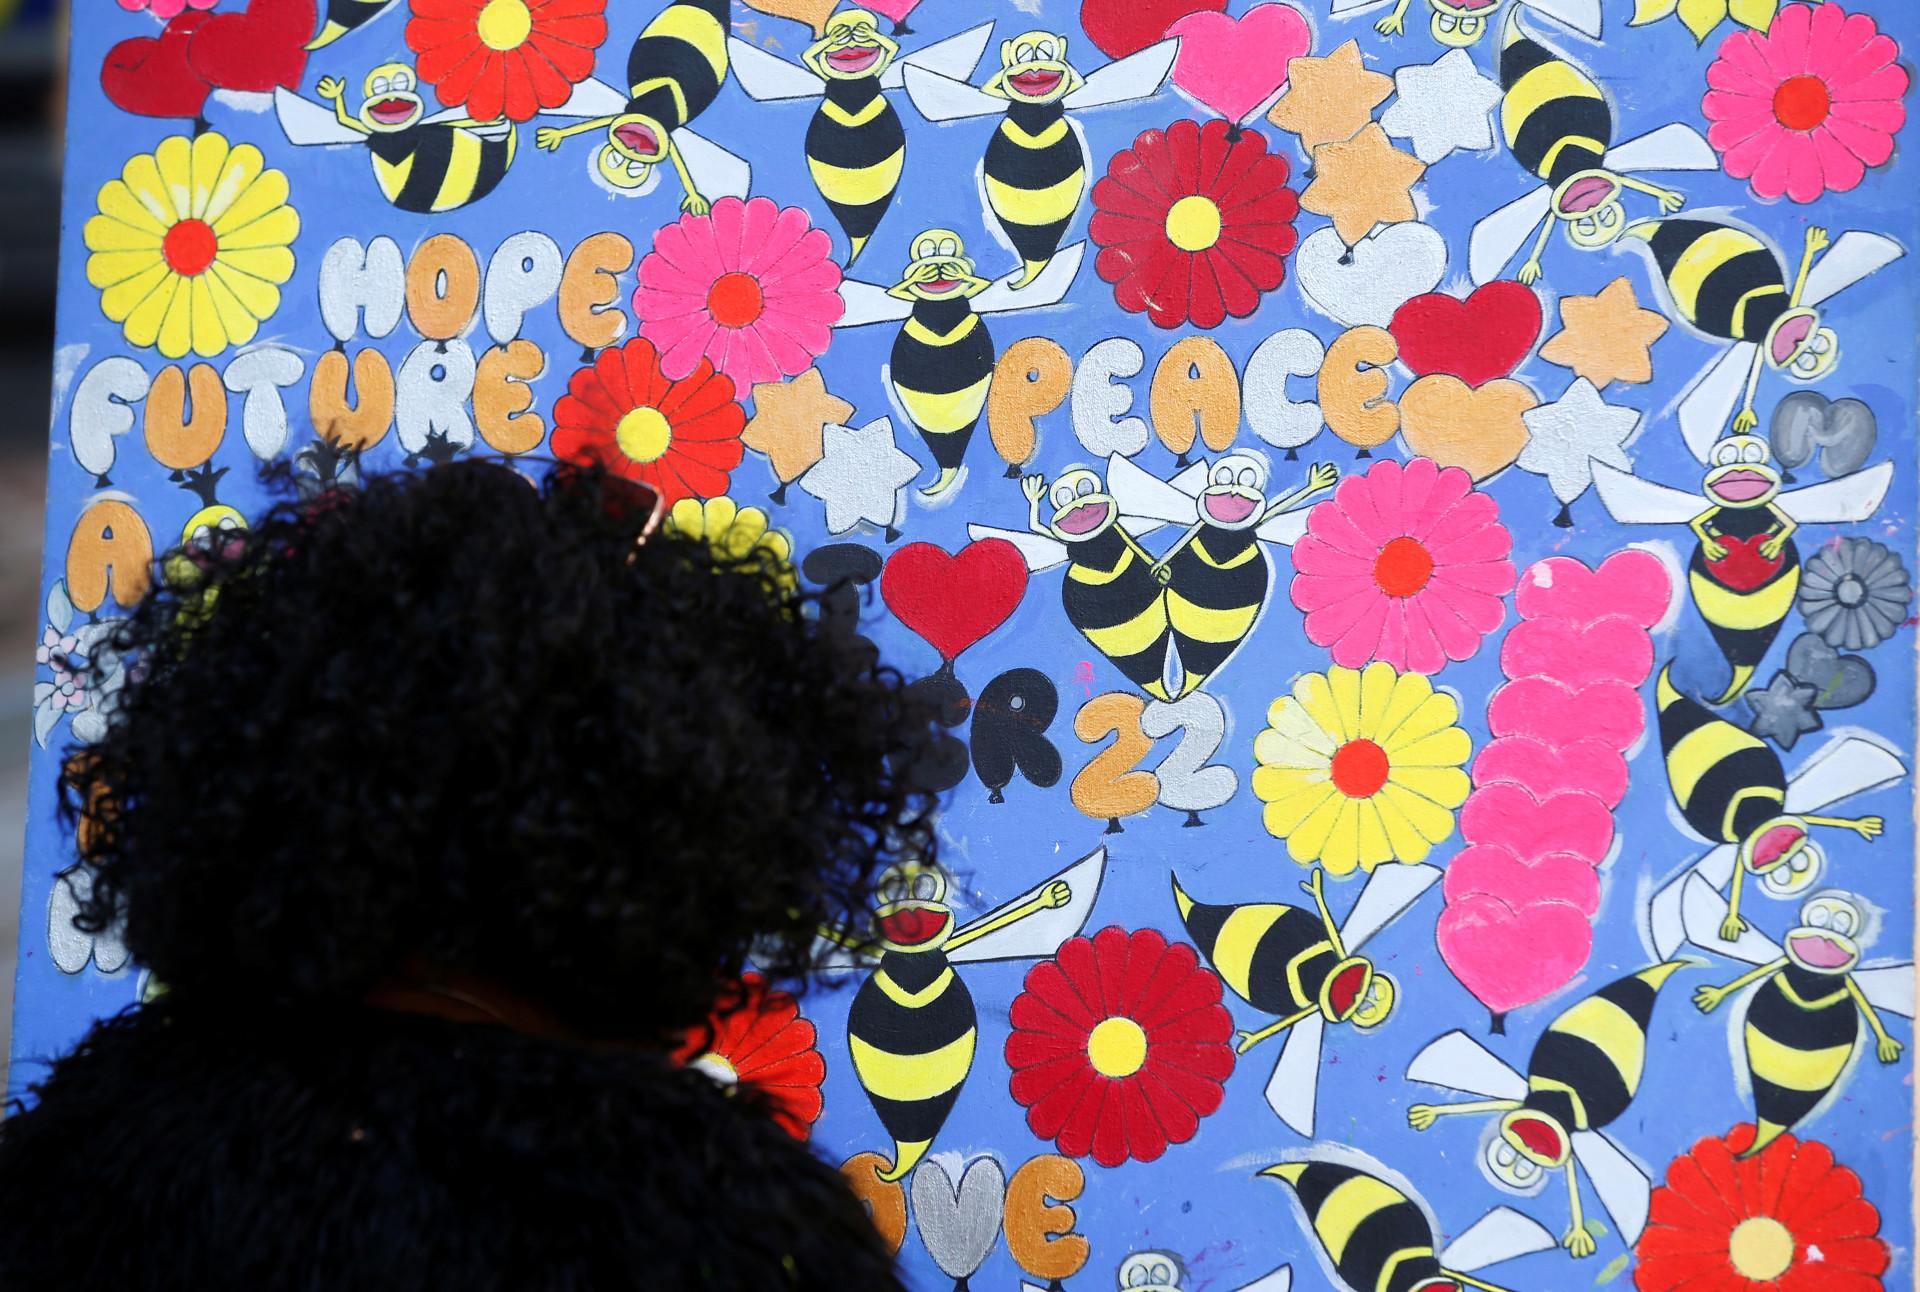 Atentado de Manchester em 2017 lembrado com um minuto de silêncio